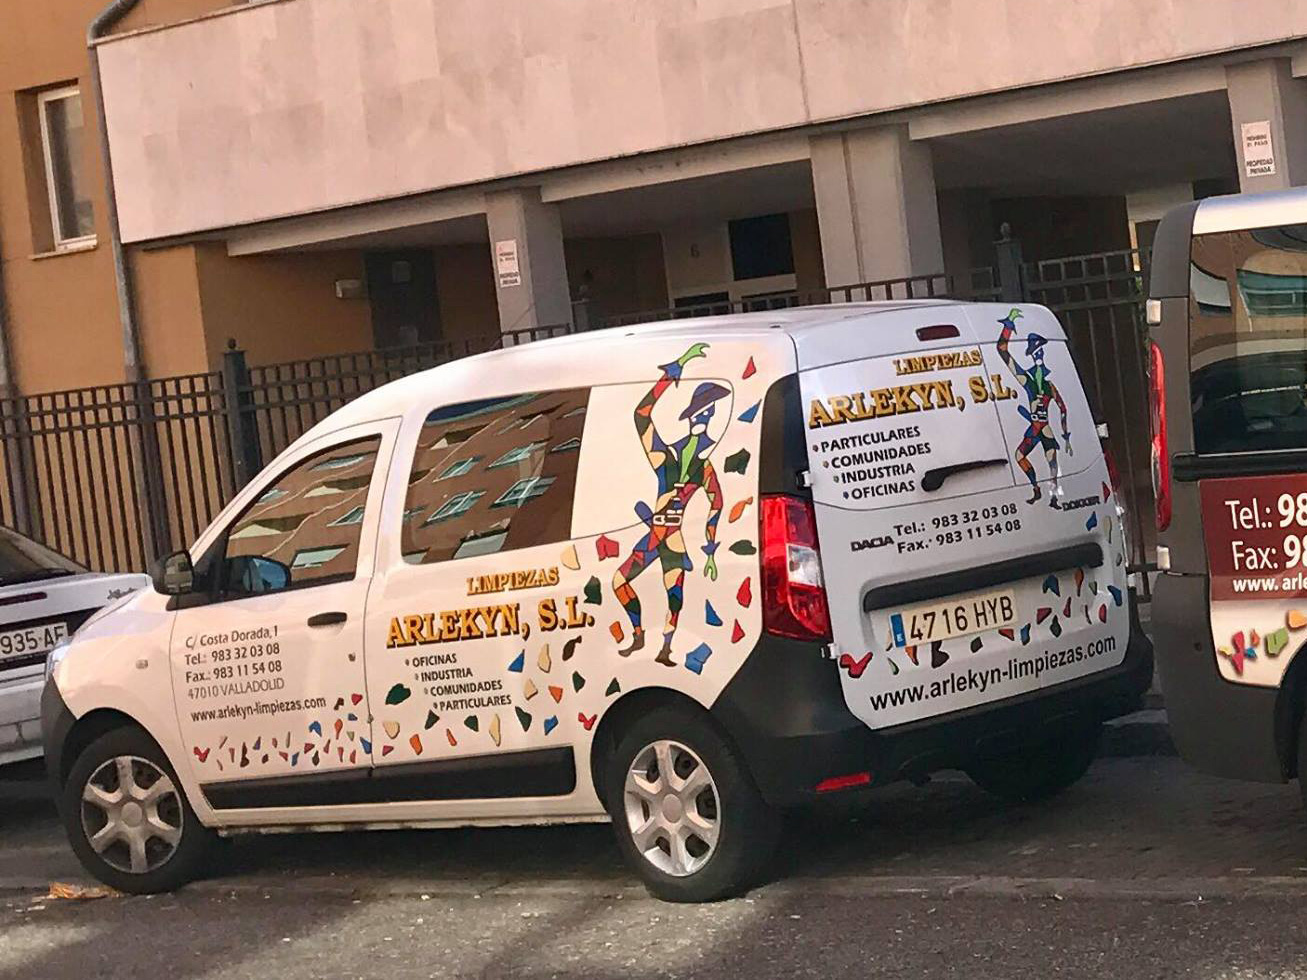 vehiculo-limpiezas-valladolid-1